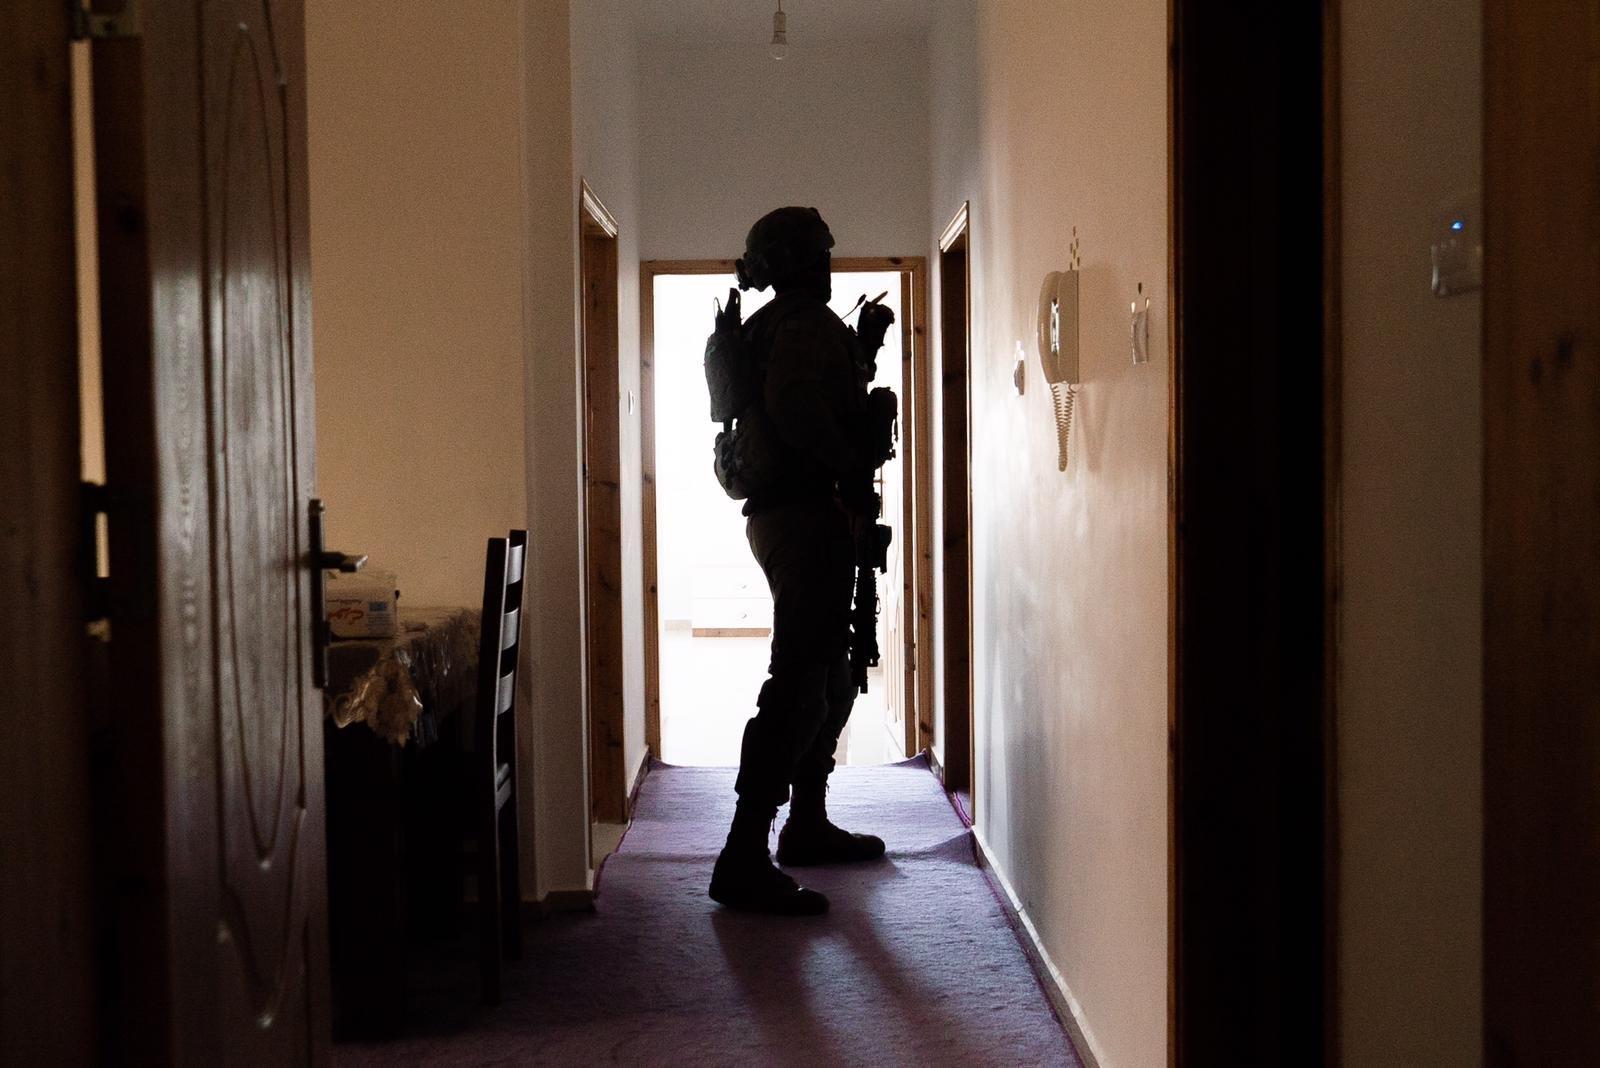 الجيش الاسرائيلي يعتقل فلسطينيين بشبهة القيام بعملية زعترة